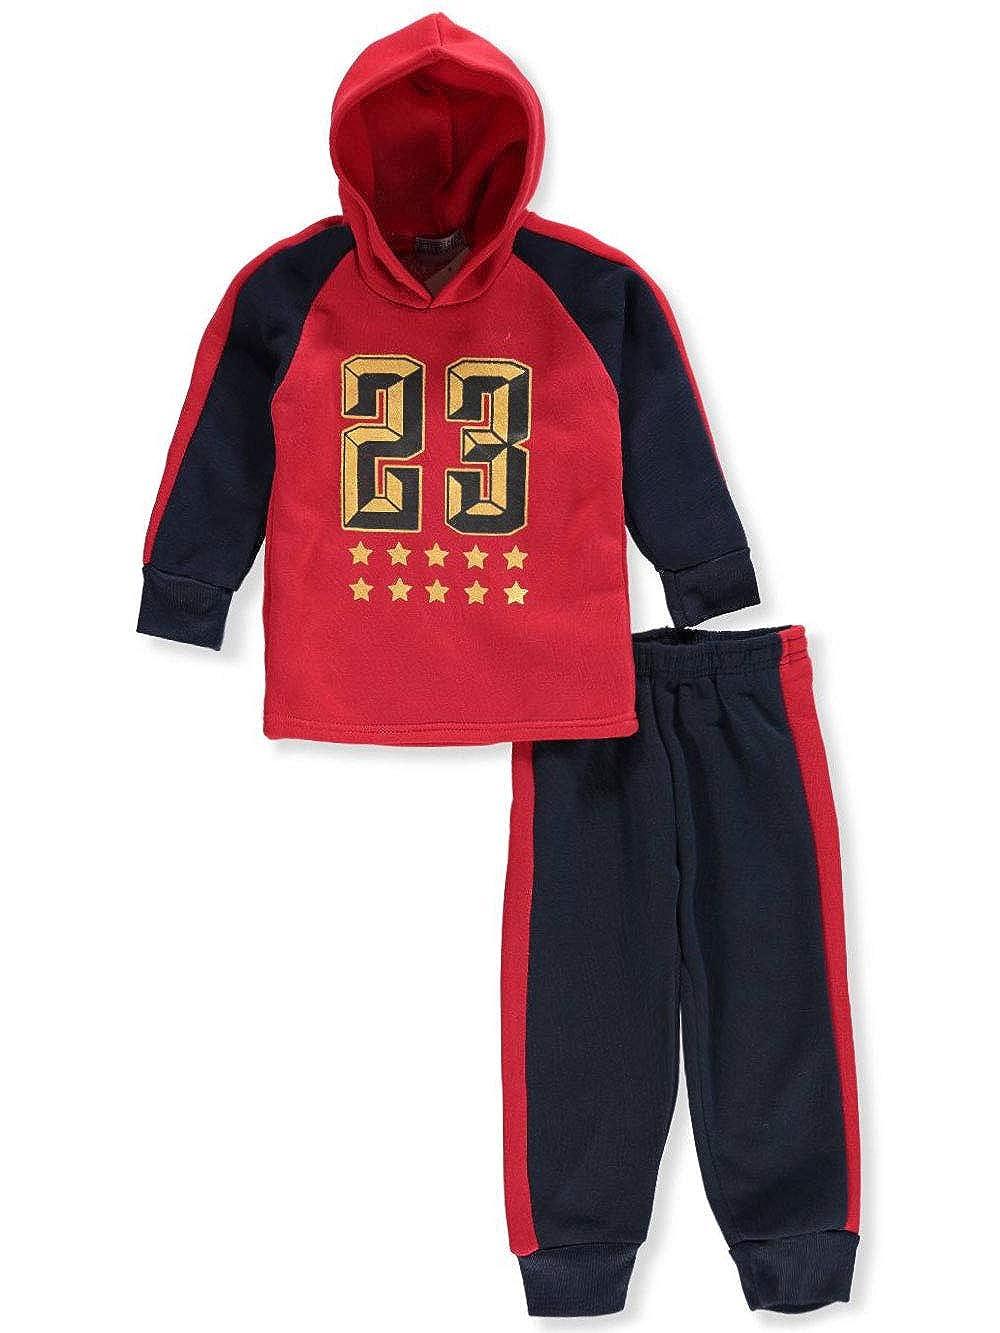 Victory League Boys' 2-Piece Sweatsuit Pants Set